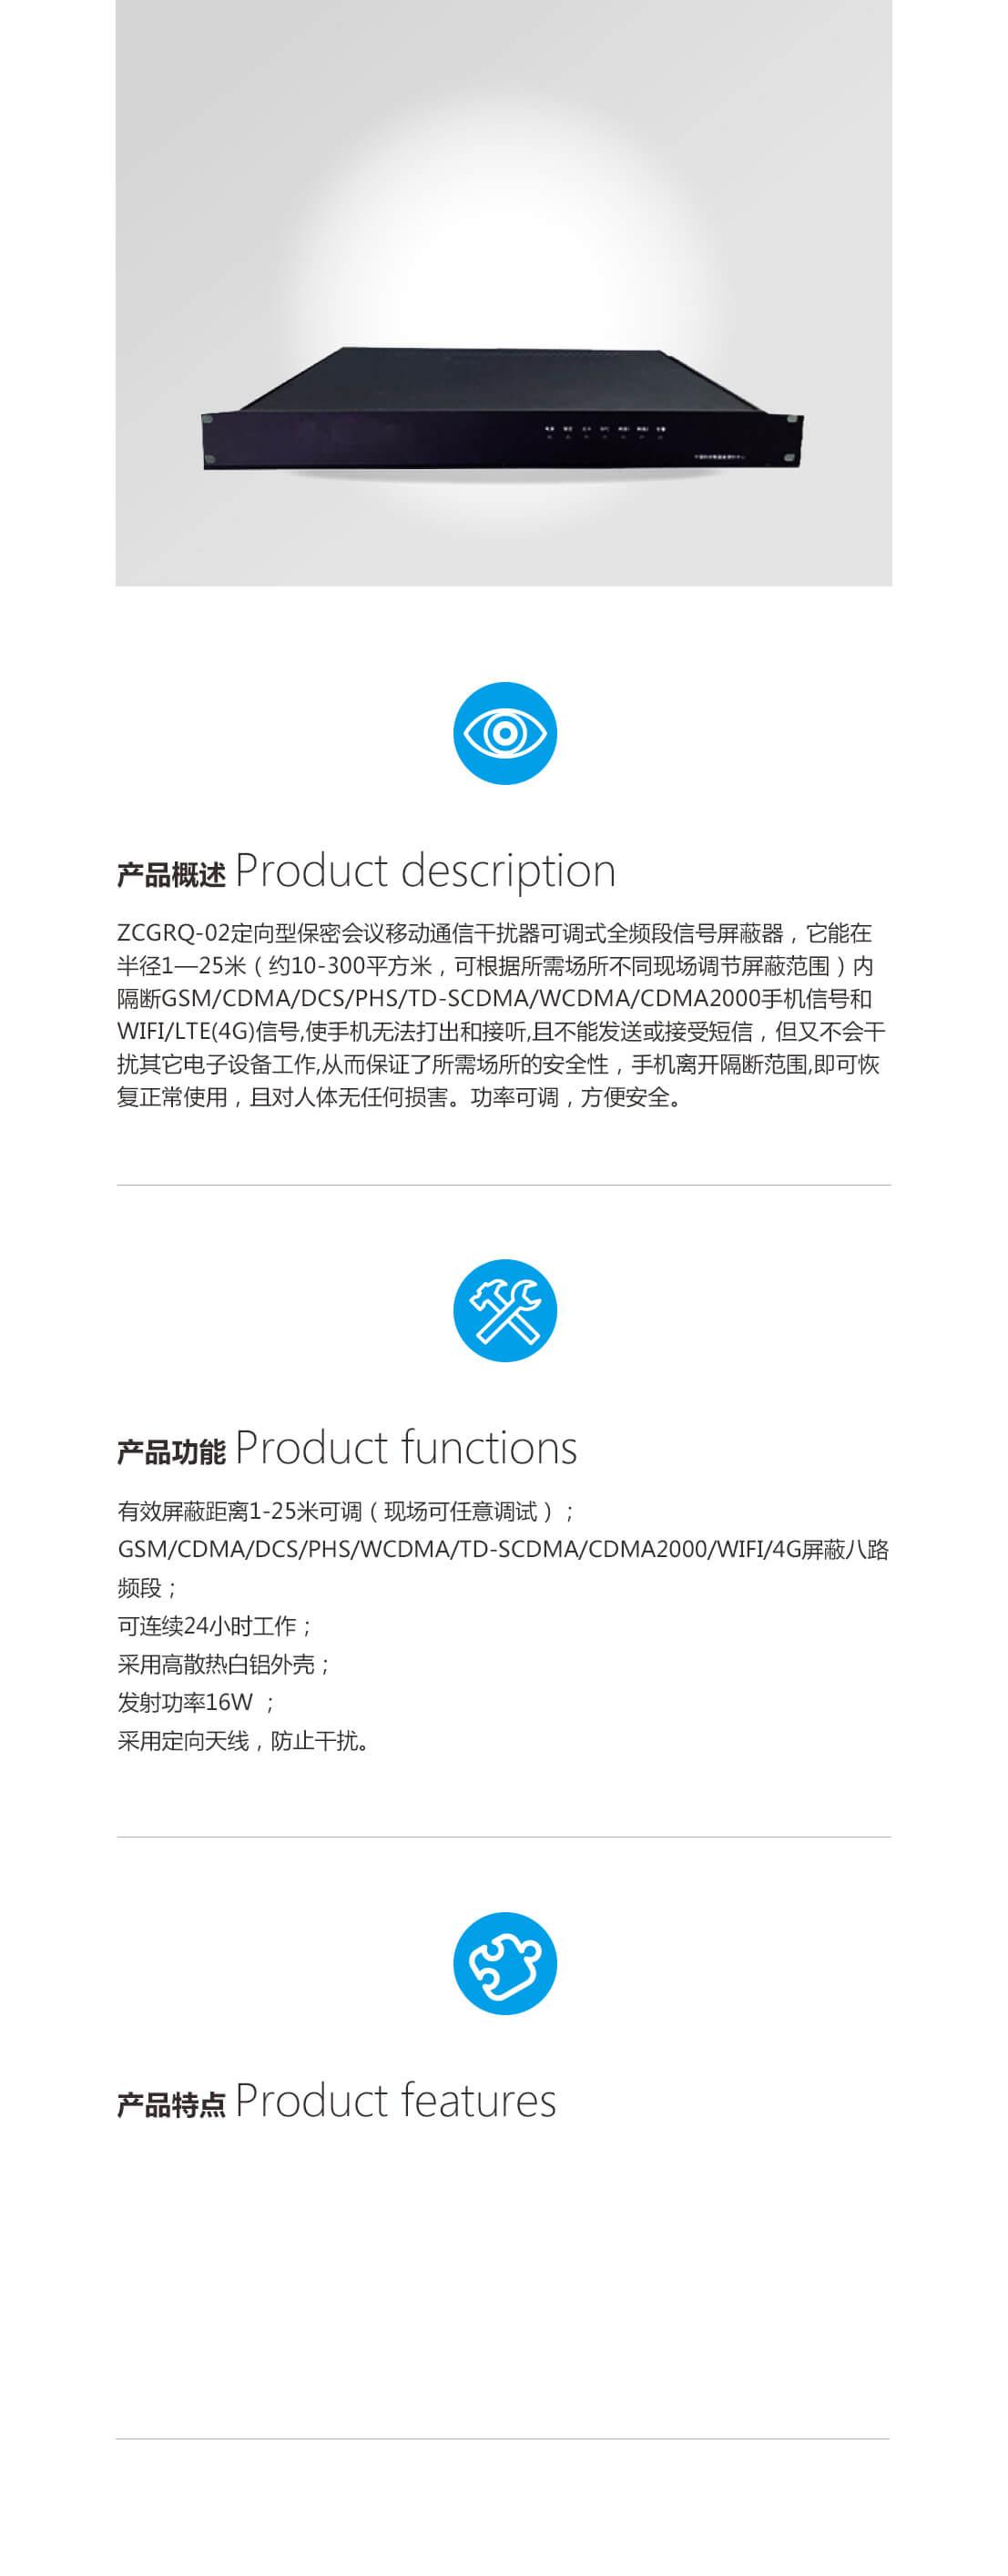 中超伟业 保密会议移动通信干扰器.jpg